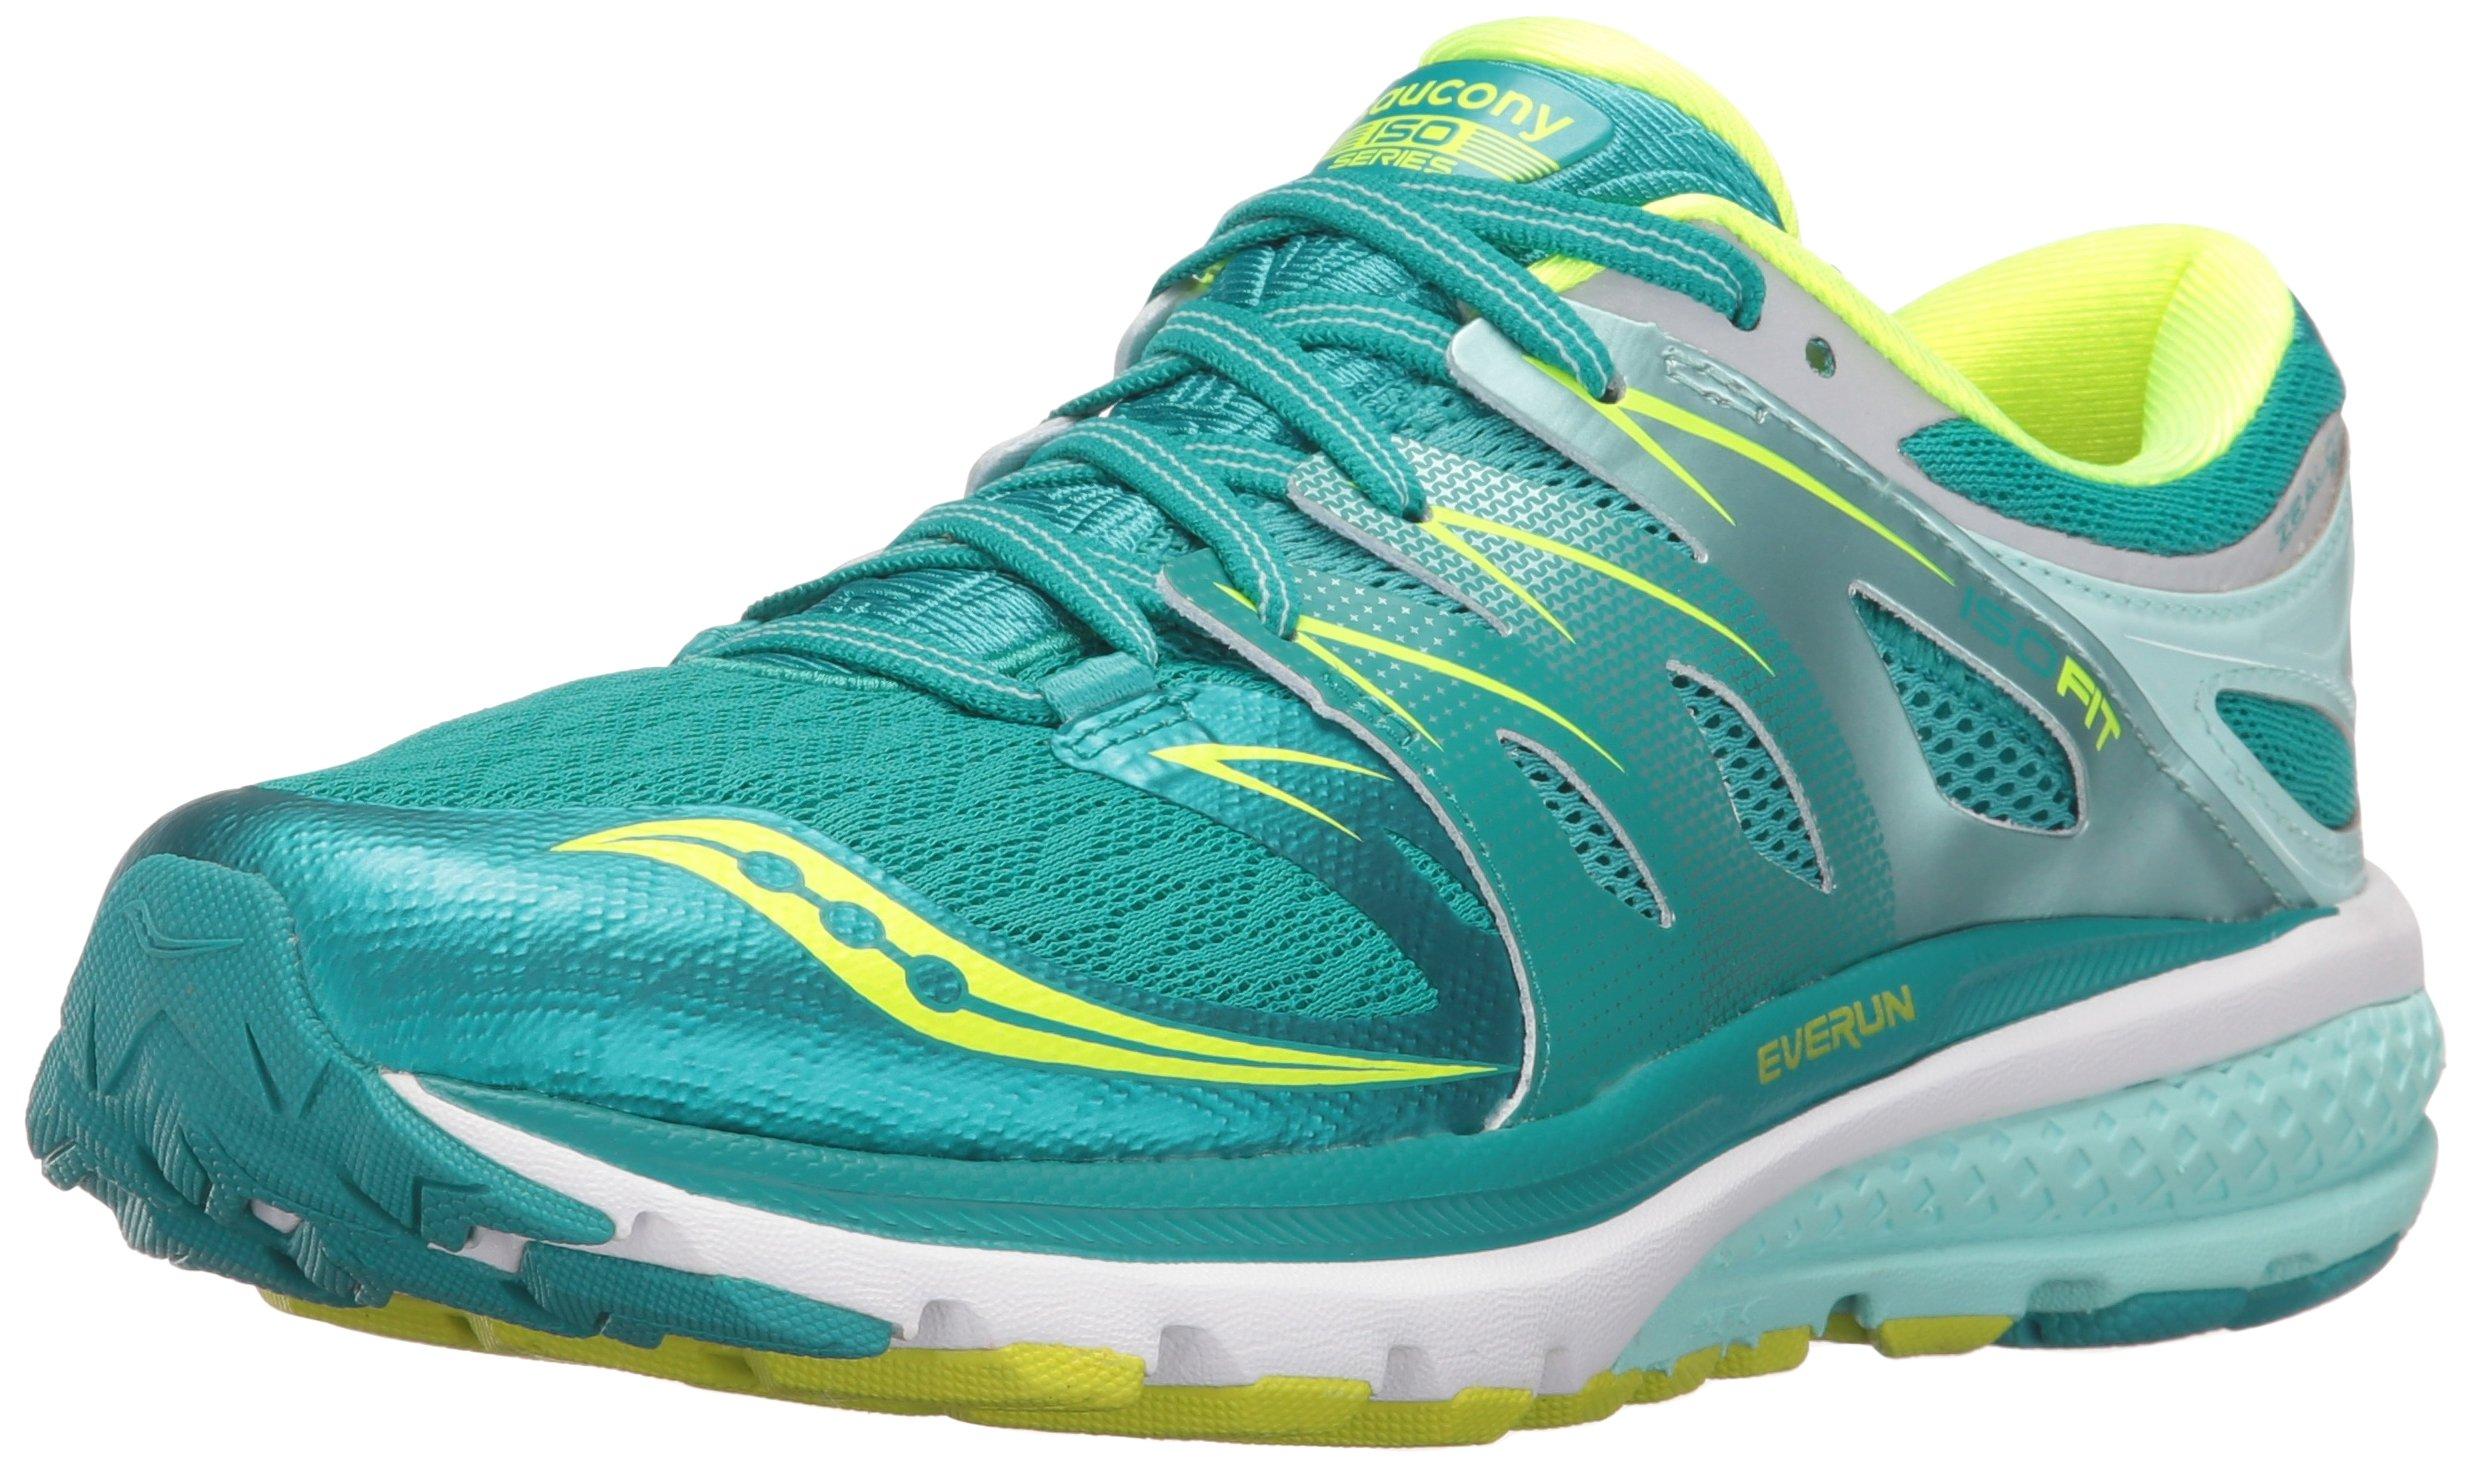 Saucony Women's Zealot ISO 2 Running Shoe, Tea/Cotton, 7 M US